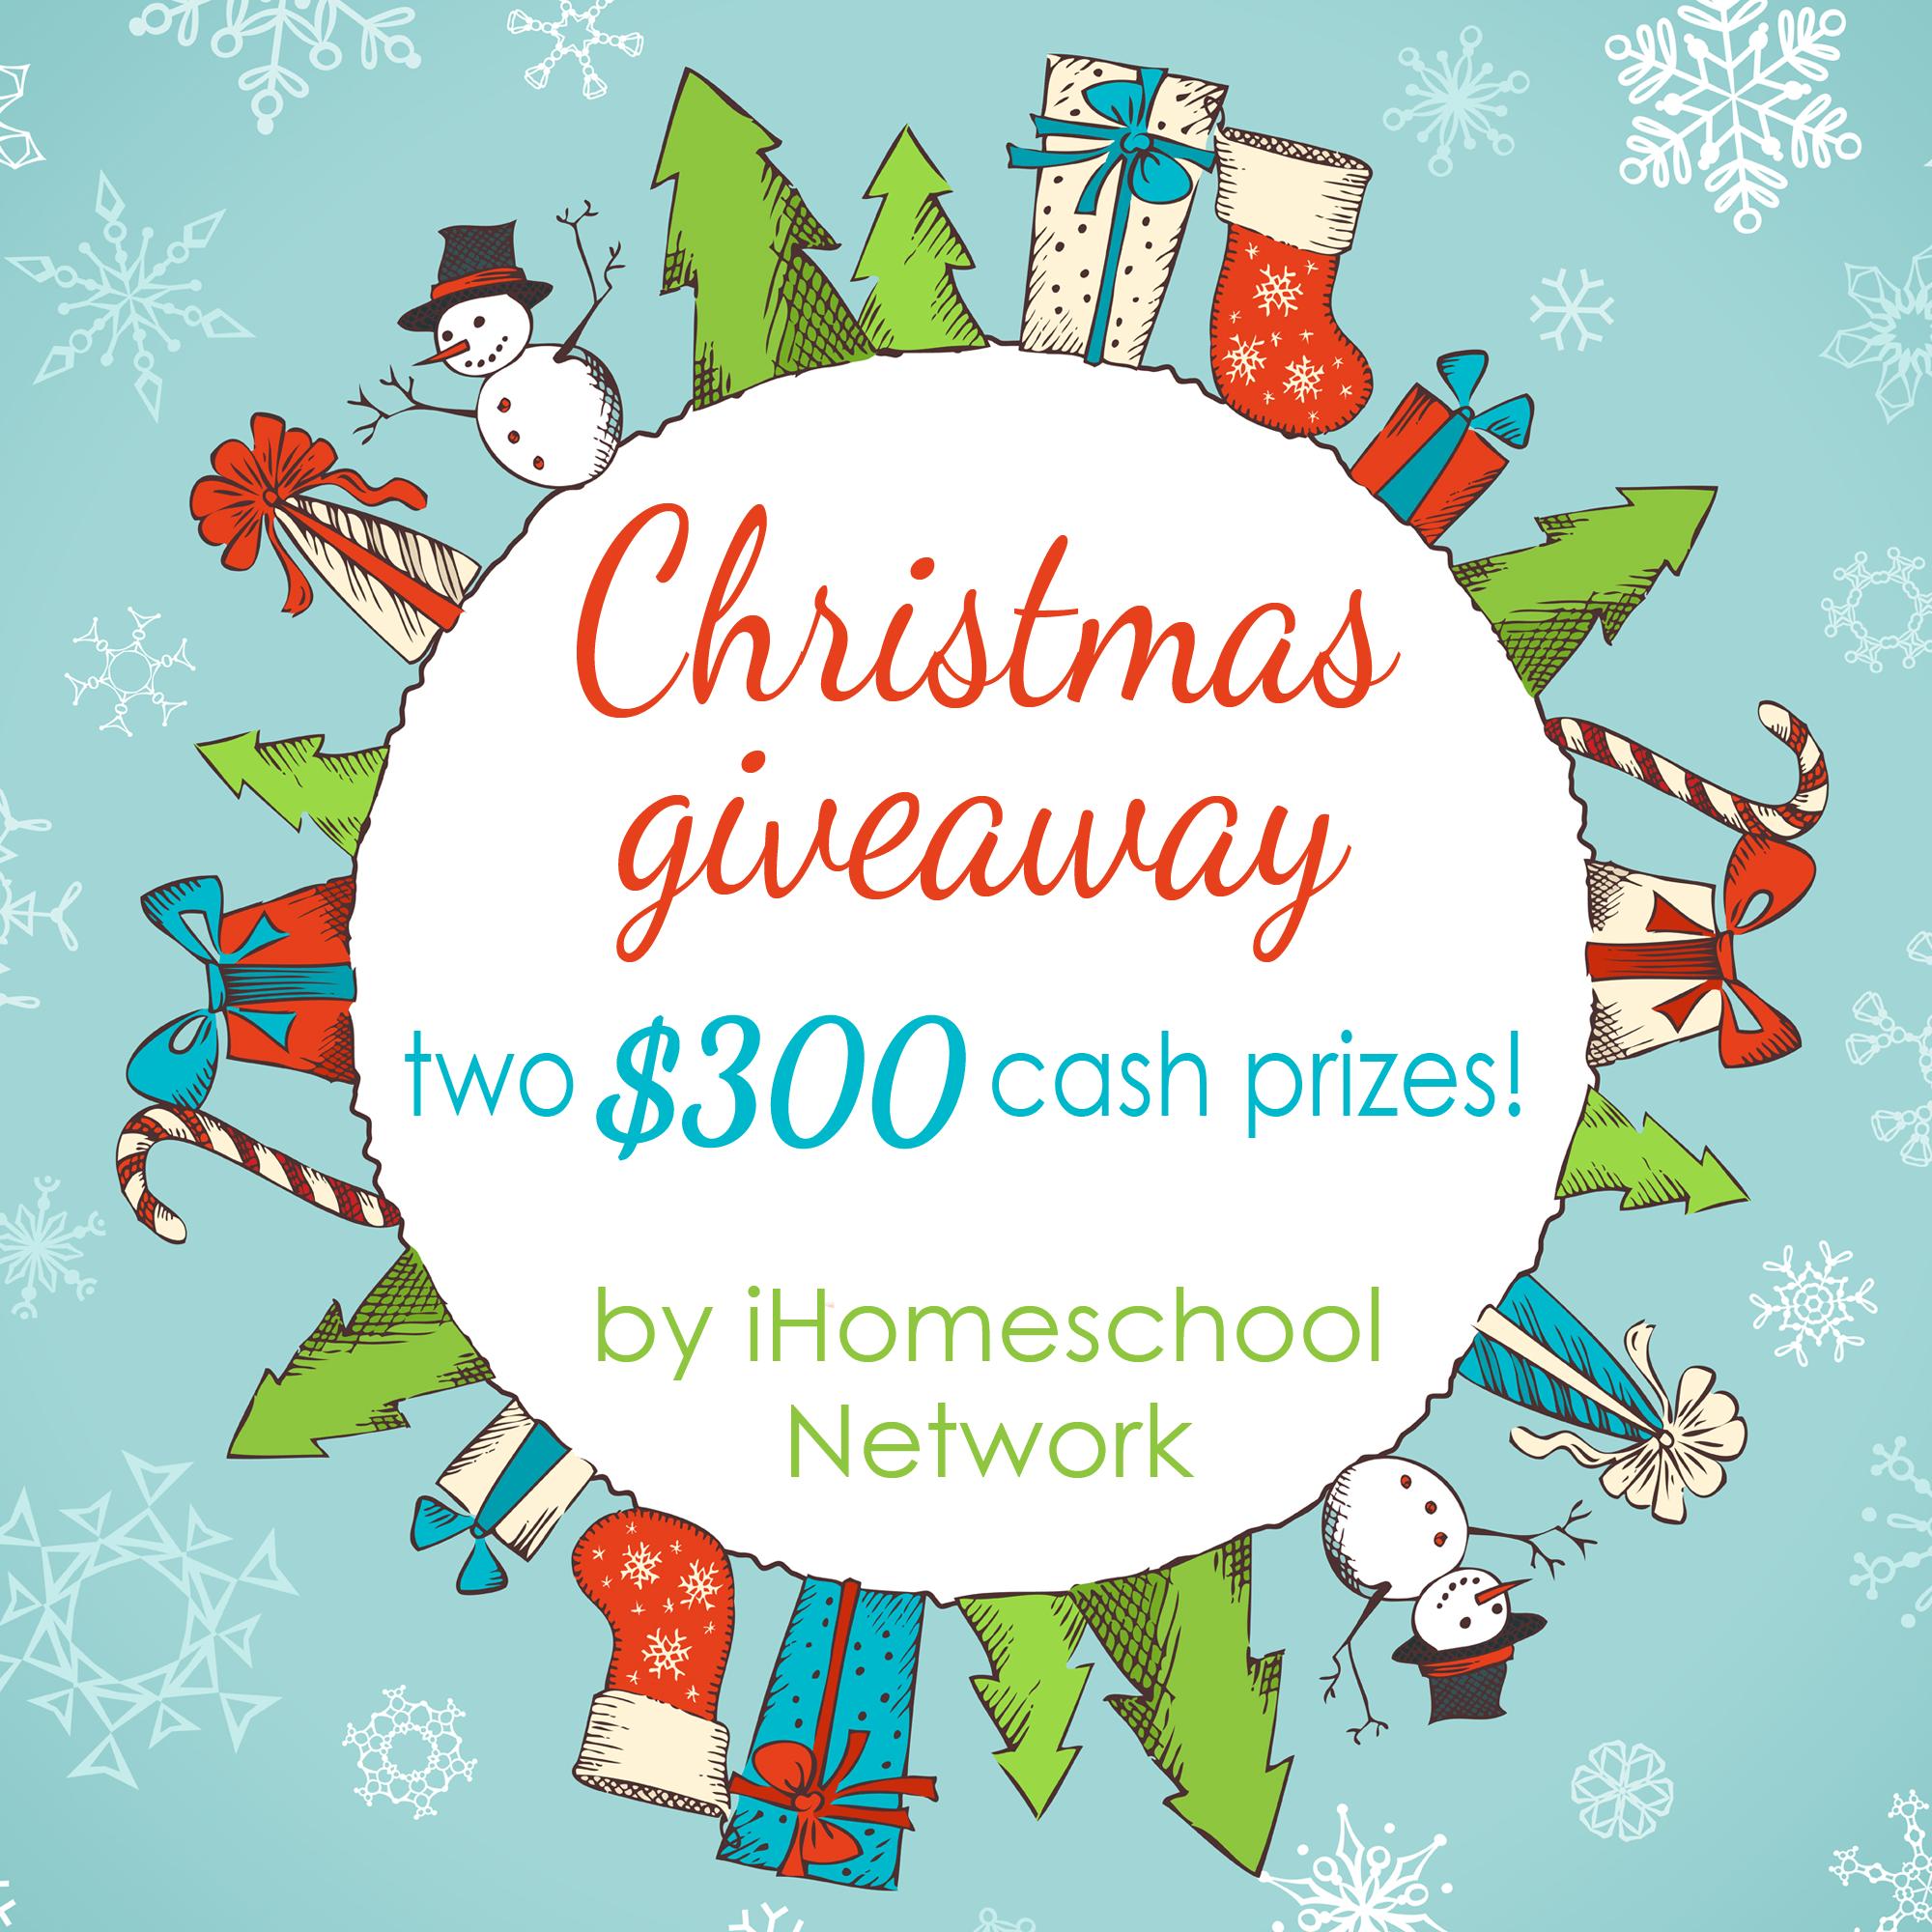 iHomeschool Network's Christmas Giveaway